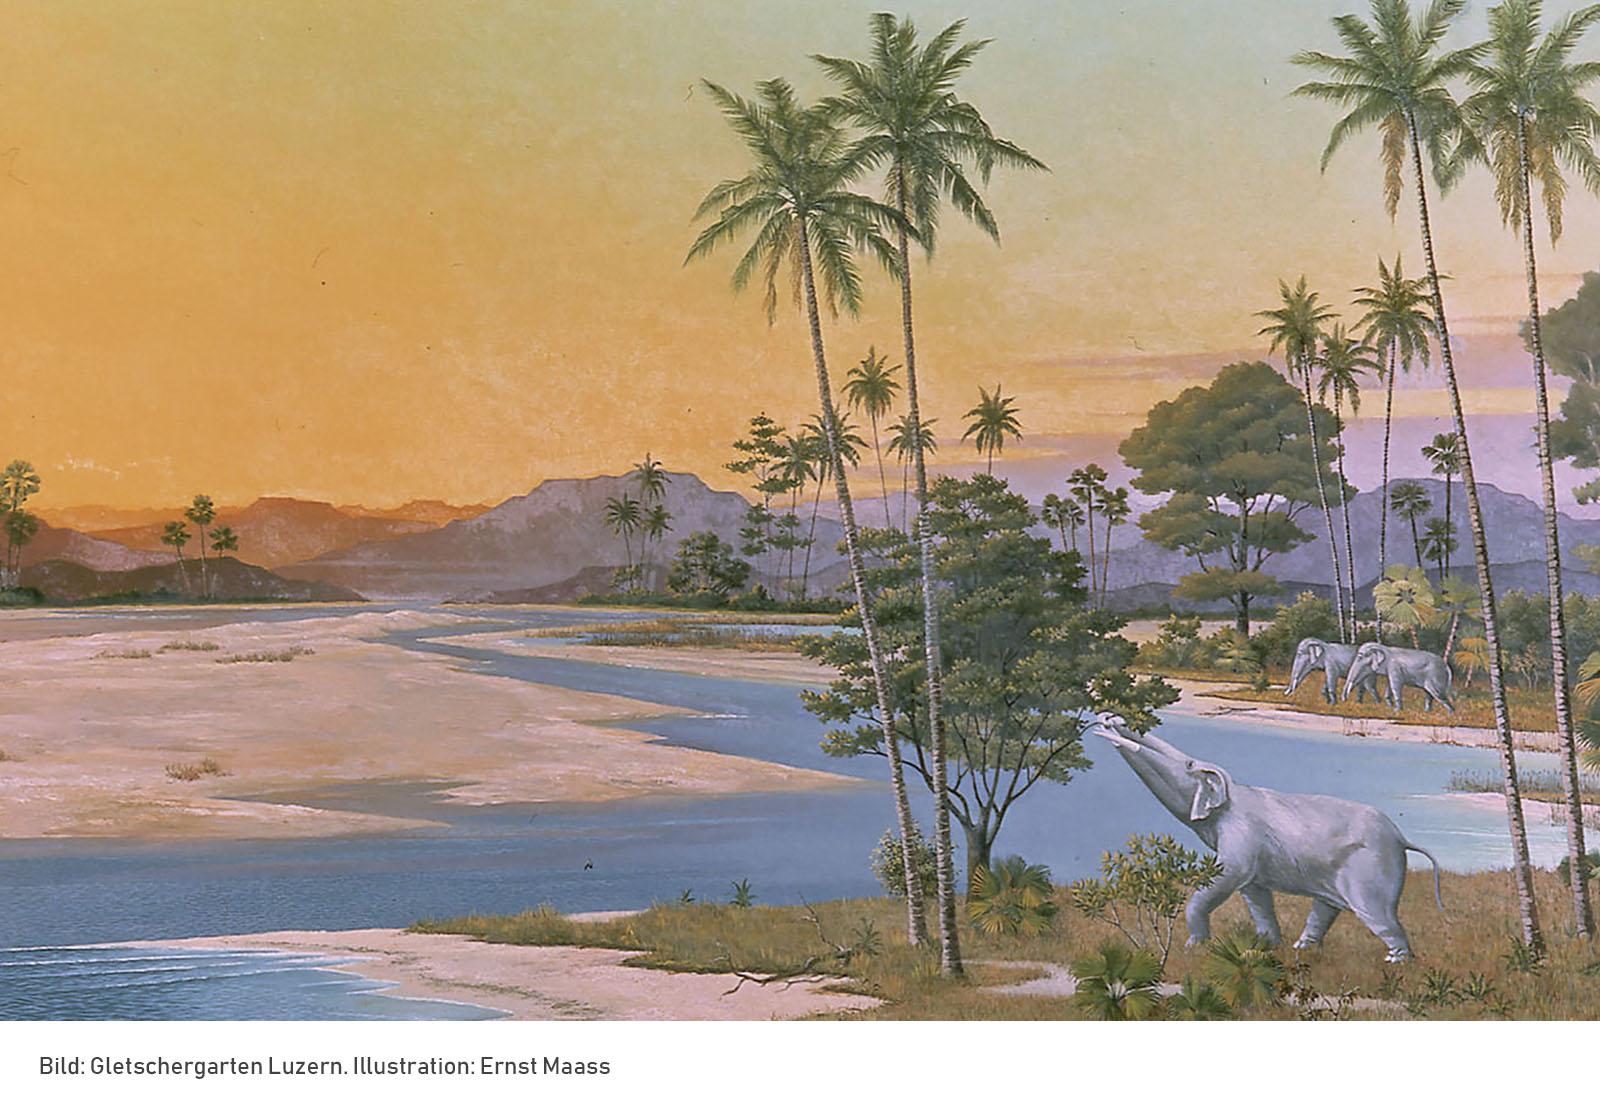 Miozäne Landschaft bei Luzern vor 20 Millionen Jahren